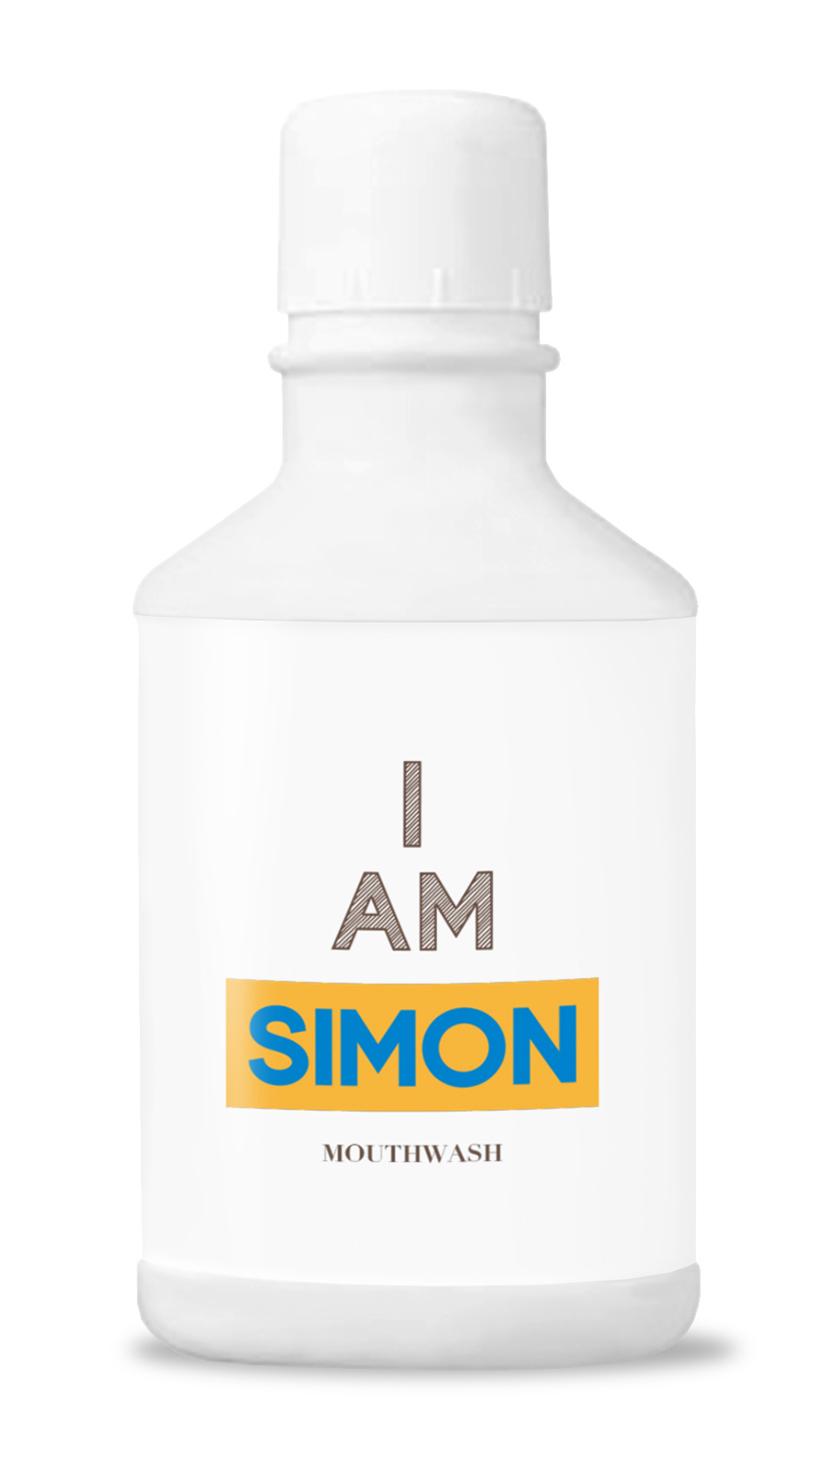 体にやさしい天然由来成分100%のマウスウォッシュ「SIMON」